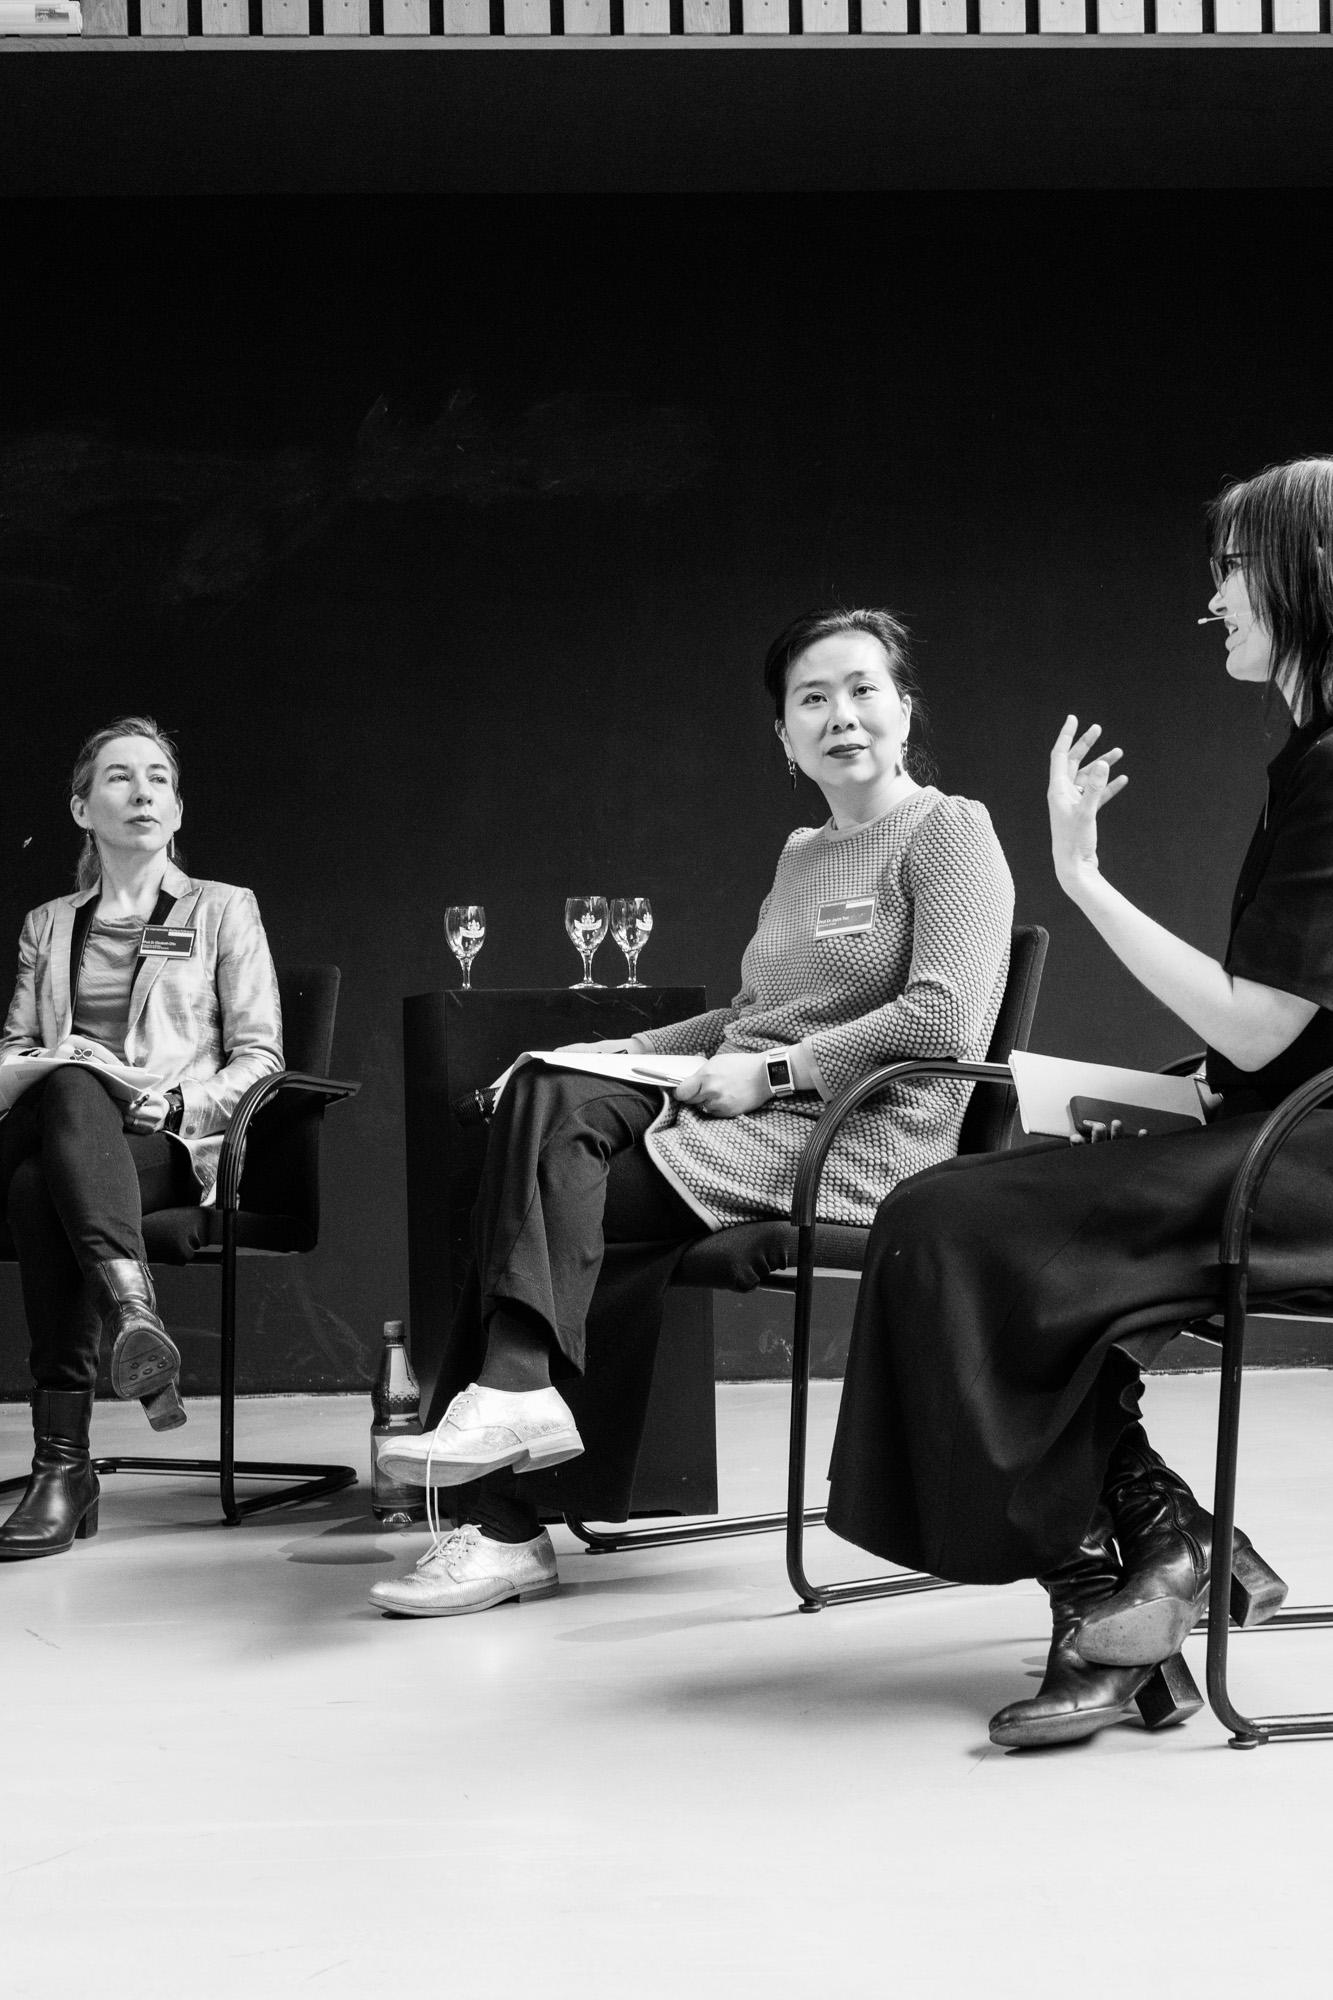 Diskussion Sektion 1. Fotografen: Samuel Solazzo, Jannis Uffrecht, Philipp Niemeyer